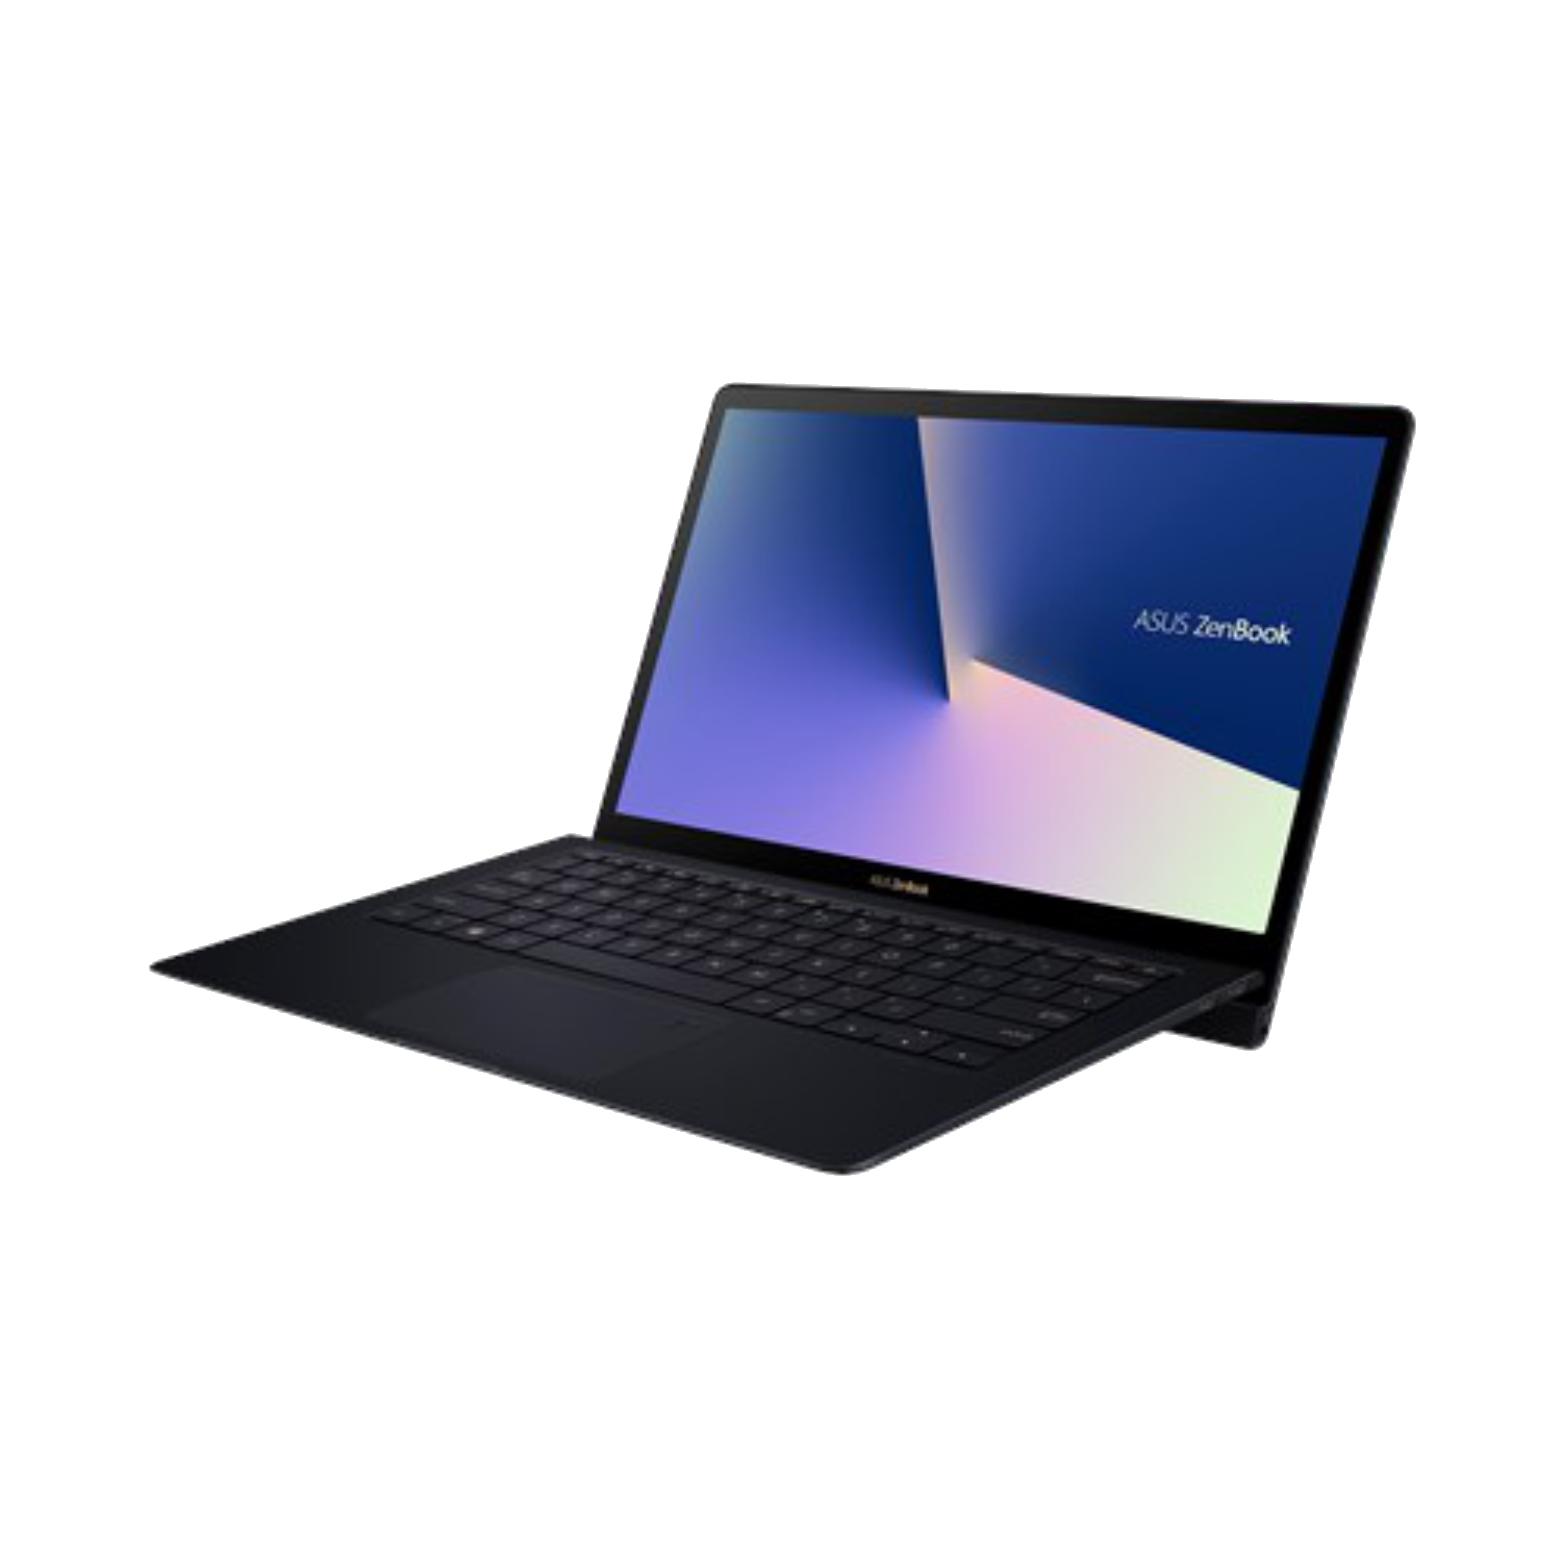 ASUS-ZenBook-4